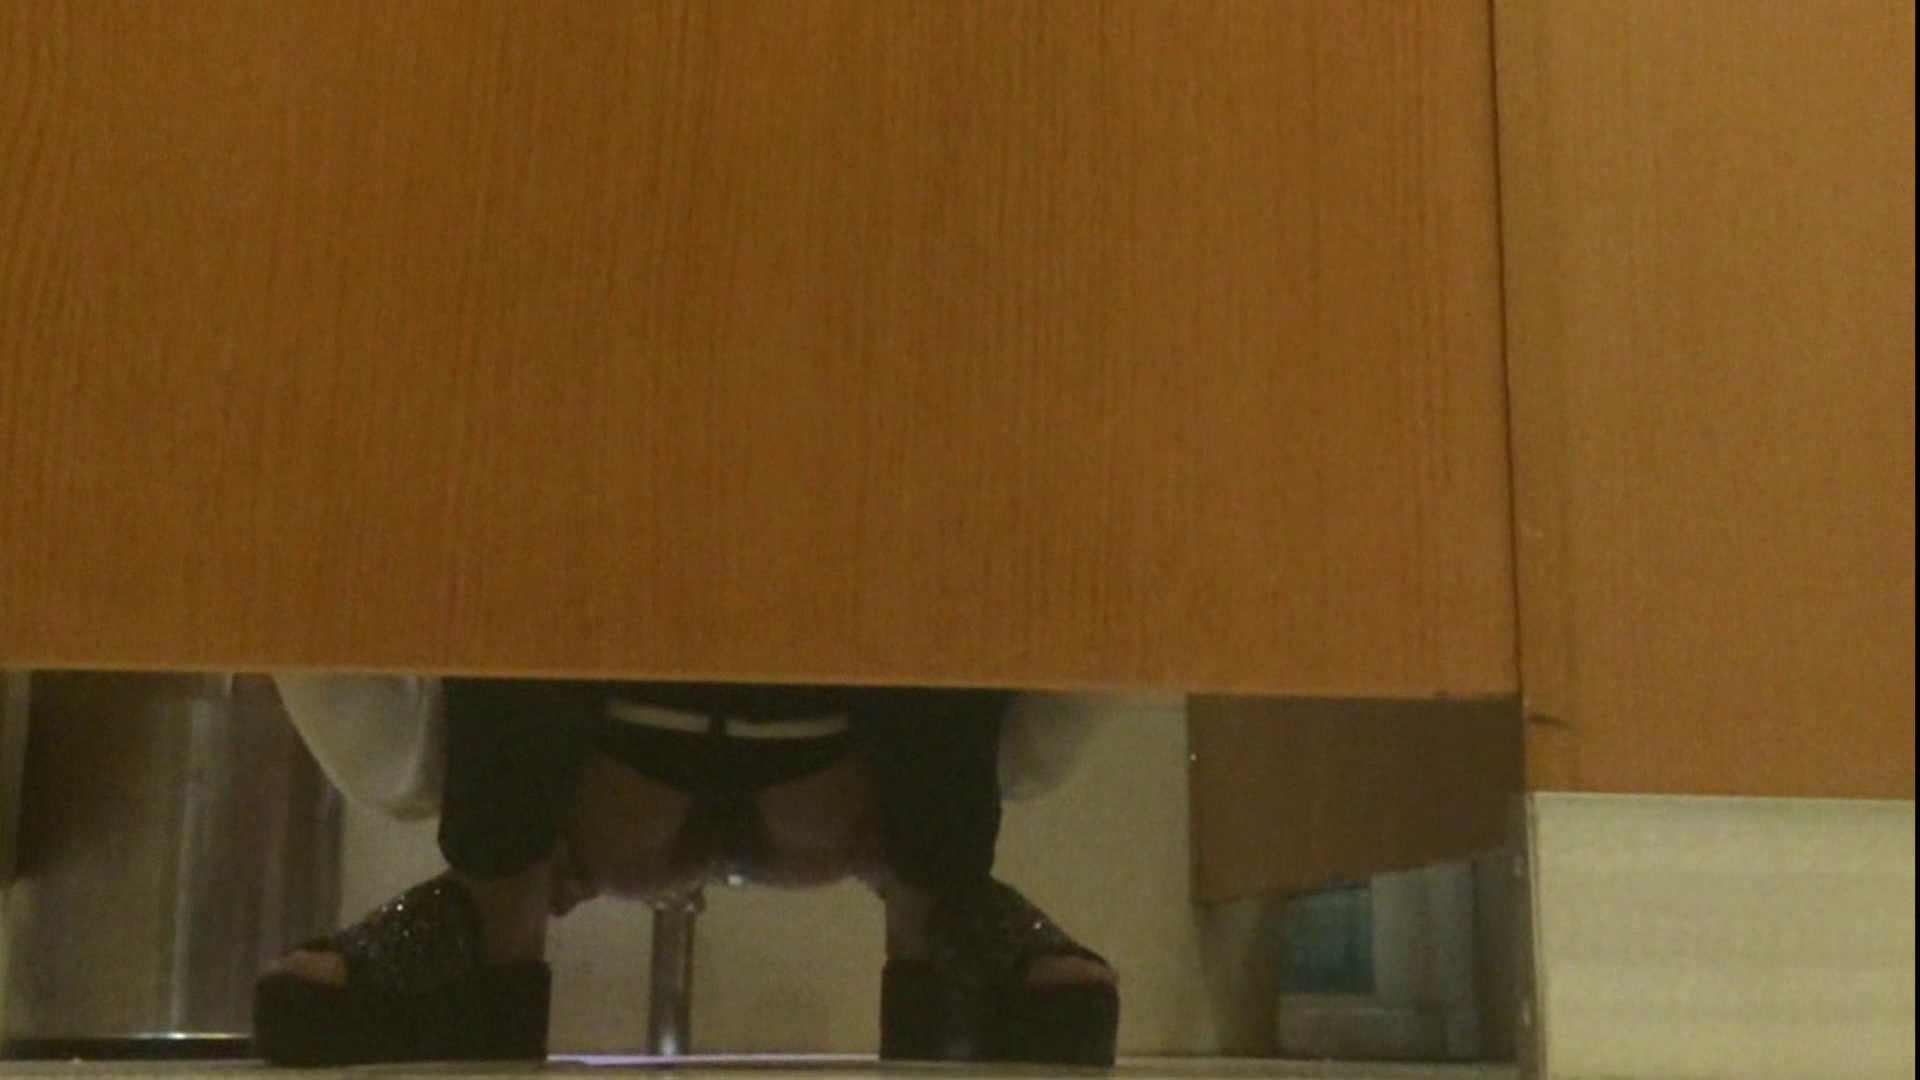 隣国化粧室下から御免!! No.14 洗面所 | お姉さん攻略  107画像 31